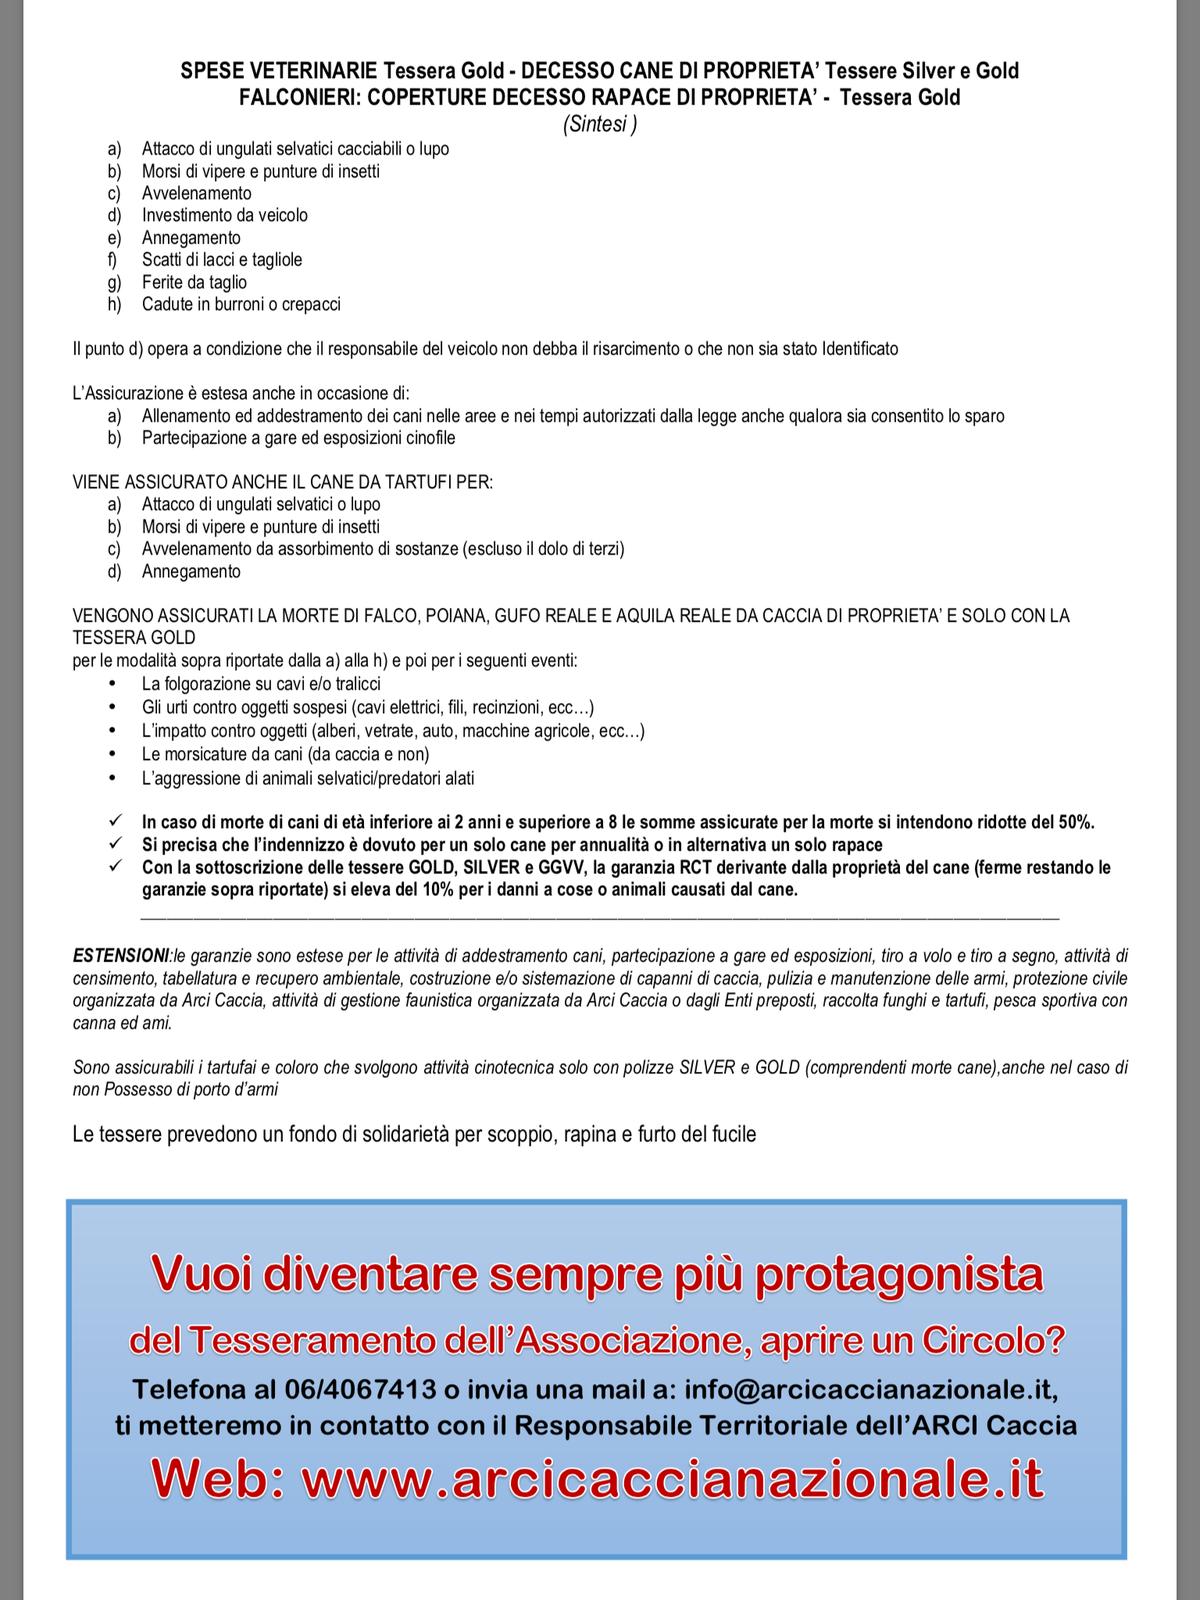 CONTATTI PROVINCIALI/TESSERAMENTO 2017